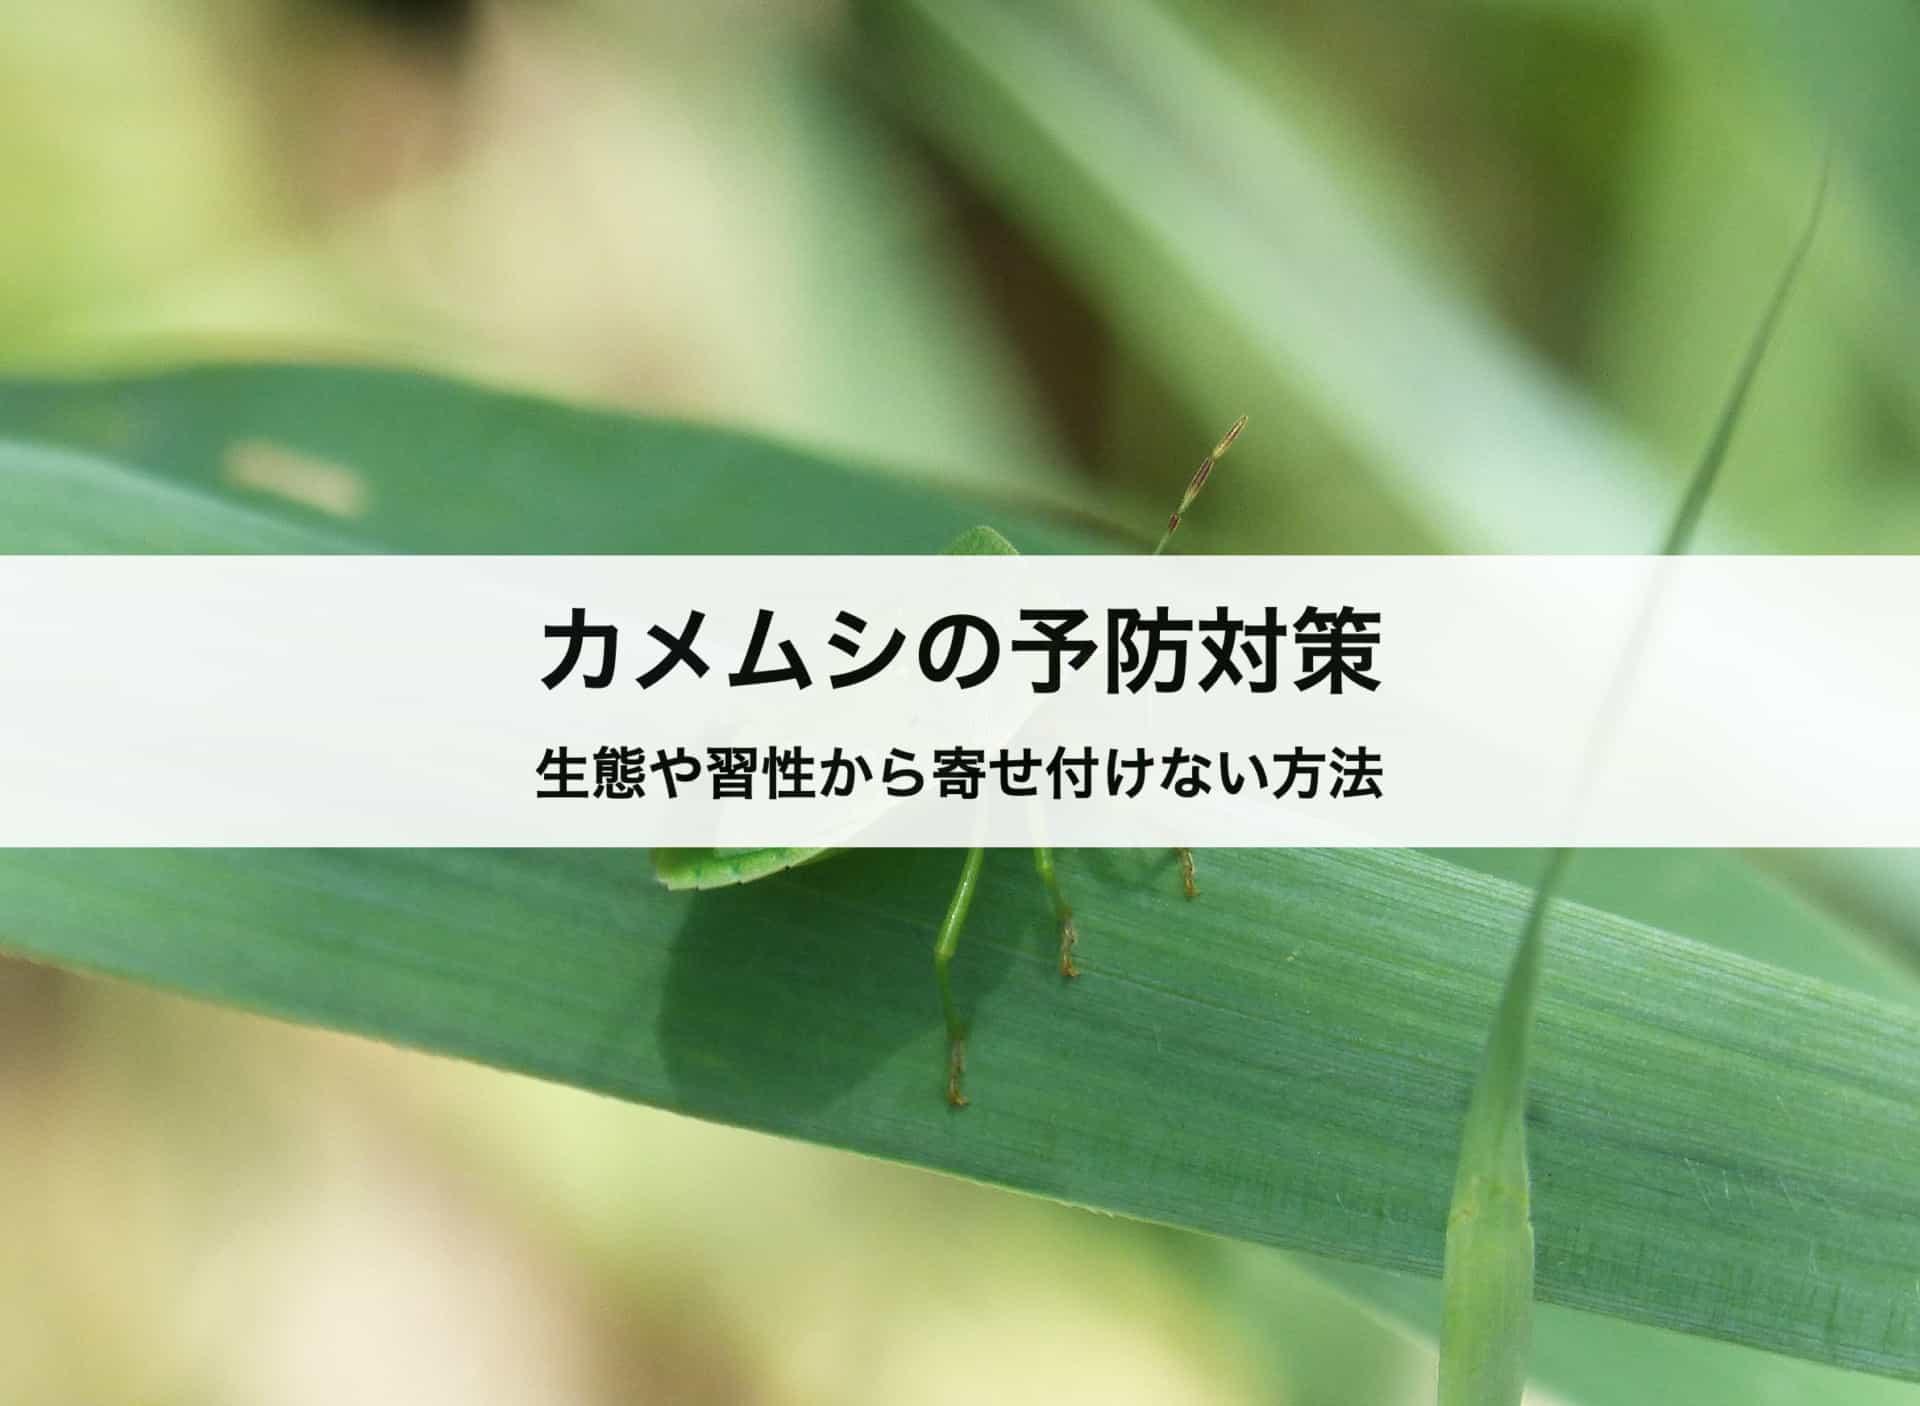 カメムシの予防対策|カメムシを生態や習性から寄せ付けない方法を紹介します!